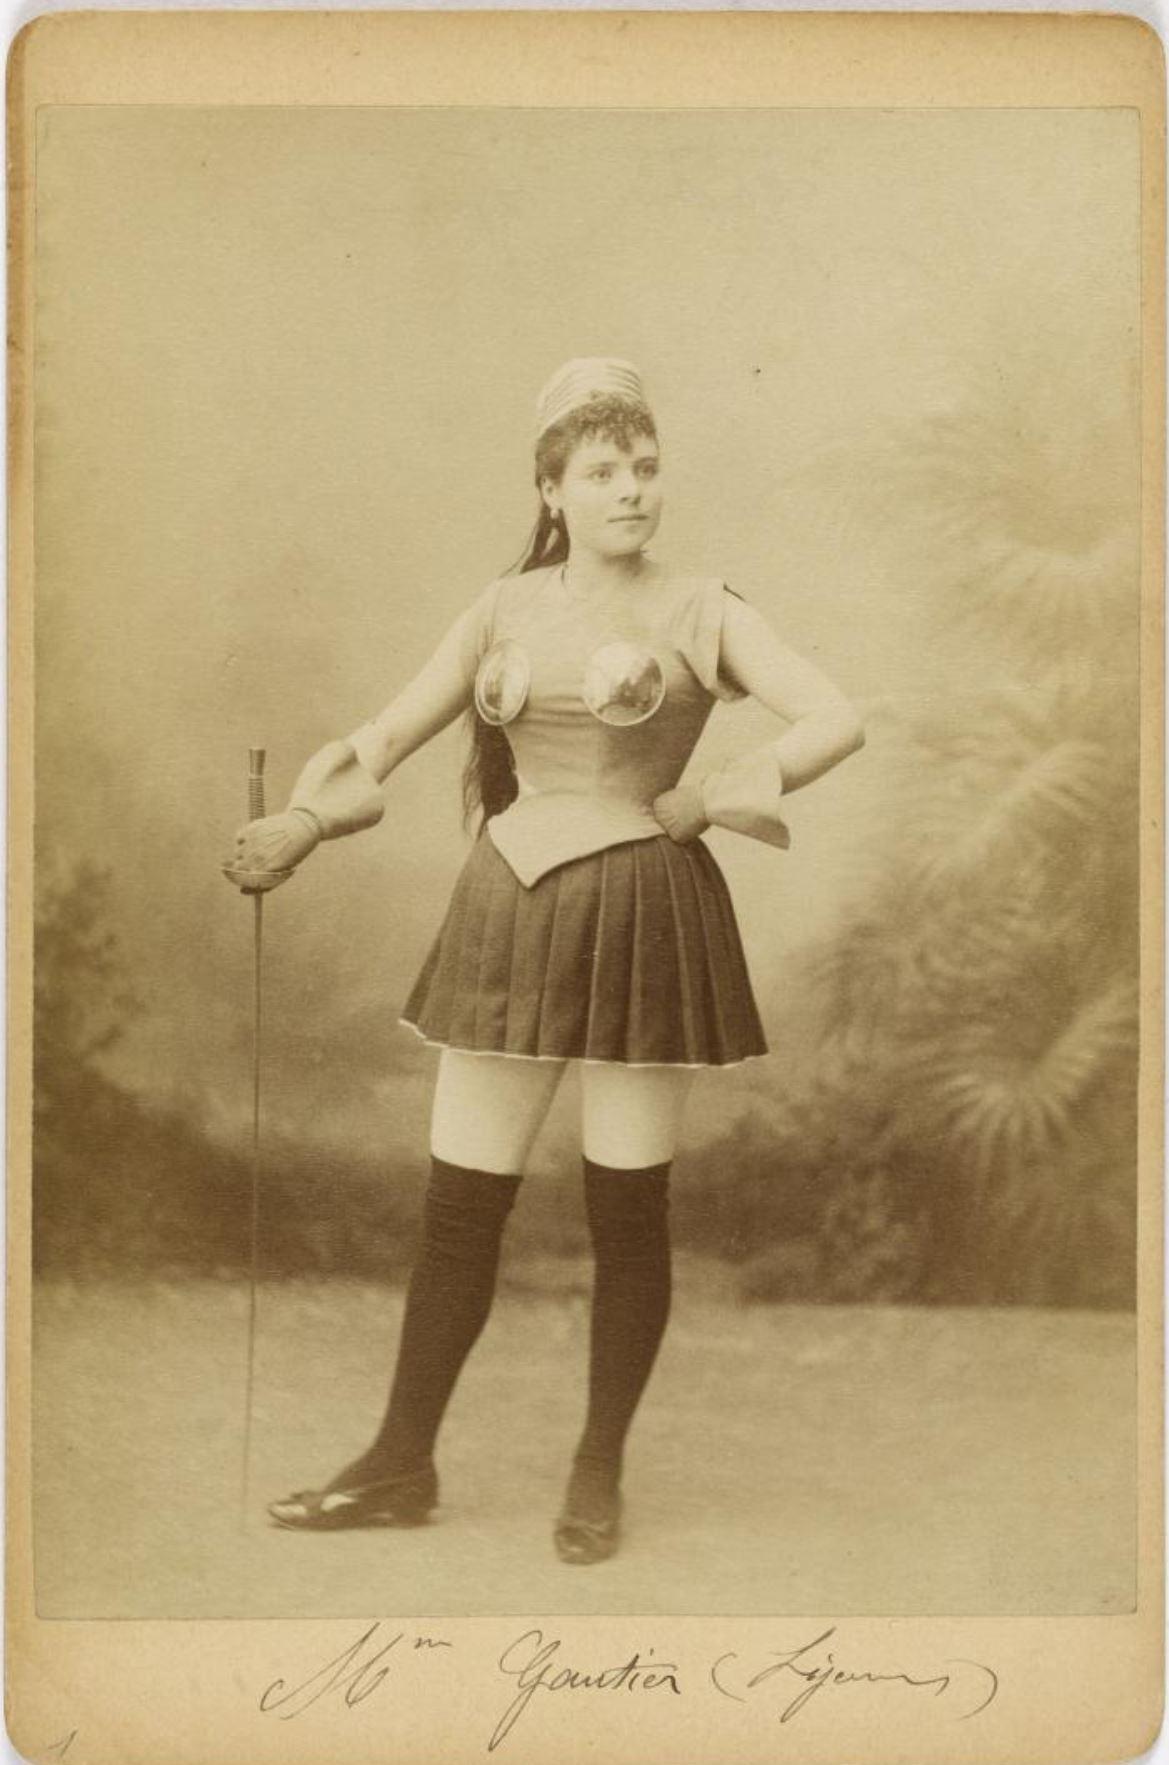 1890 ca Portrait en pied de Madame Gautier, danseuse, en tenue d'escrime Musee Carnavalet